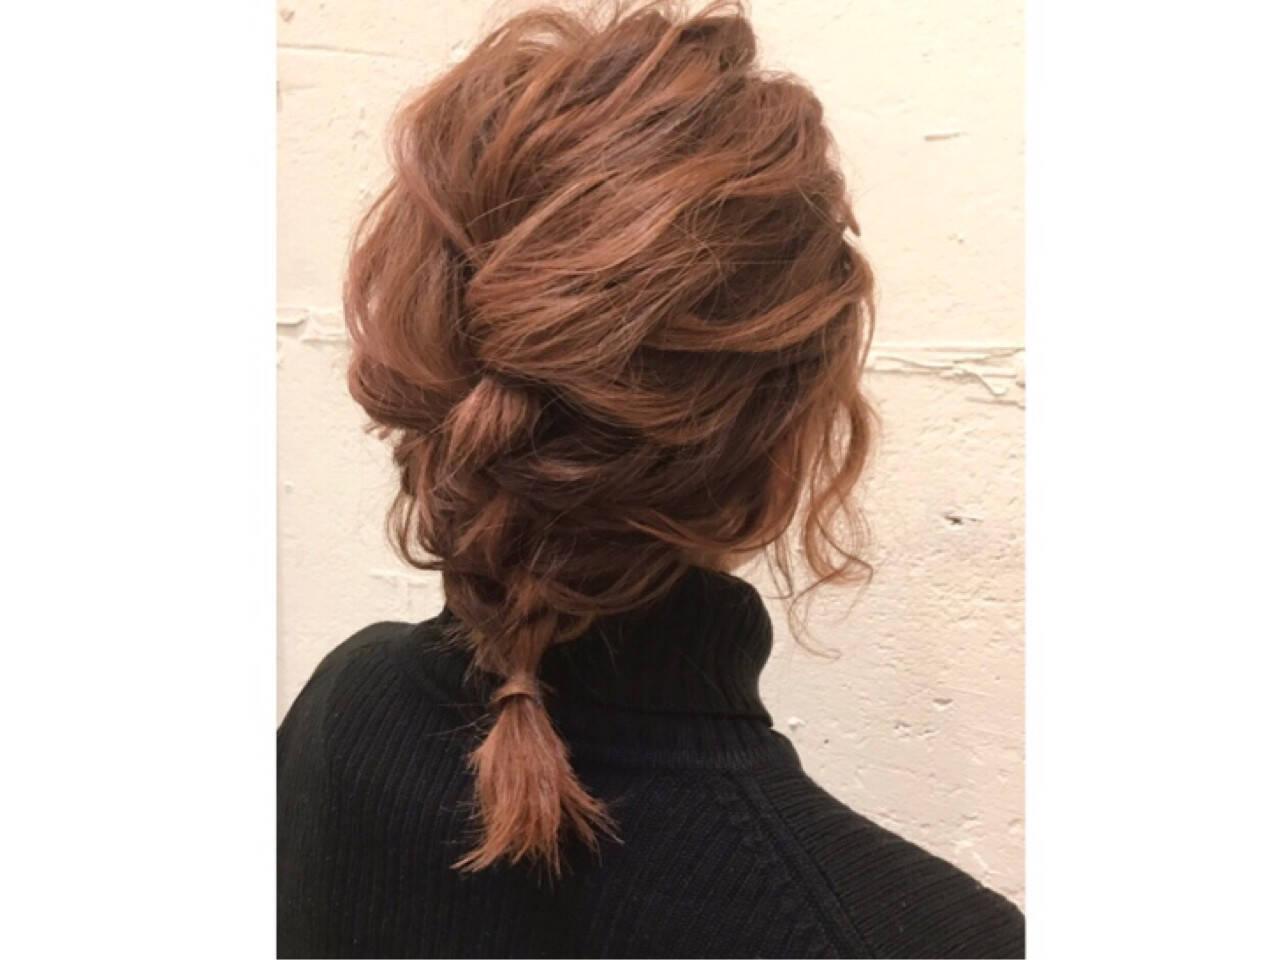 ショート ガーリー ボブ 簡単ヘアアレンジヘアスタイルや髪型の写真・画像